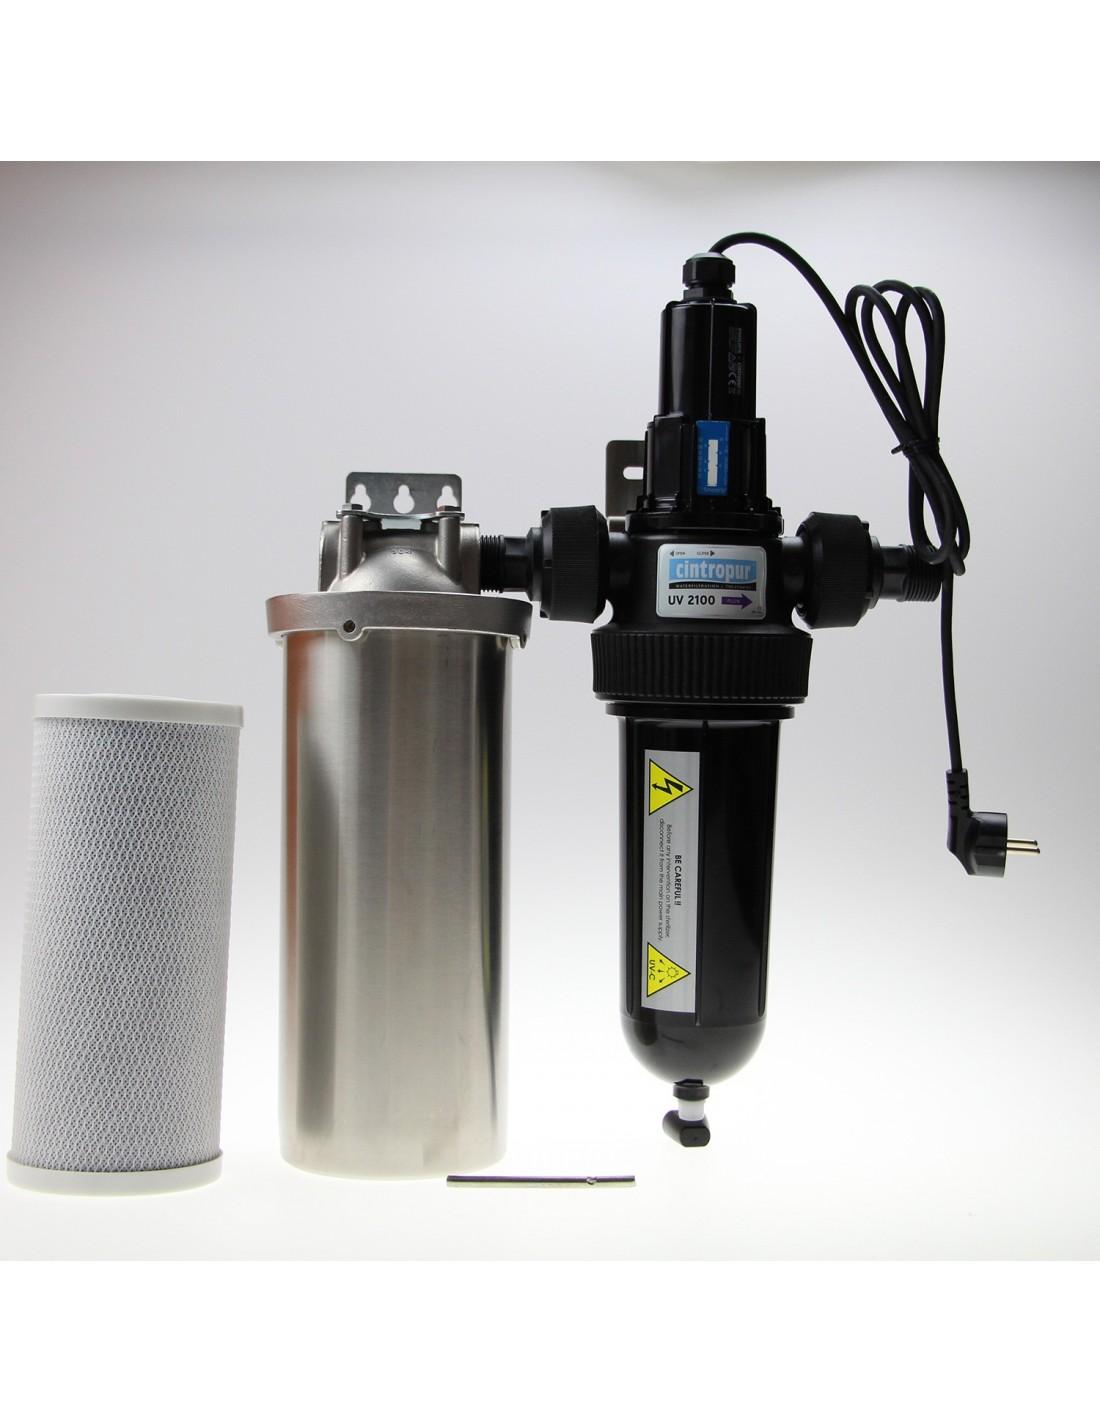 Haus Wasser Desinfektionsfilter, 2 Stufig, Mit Uv Lampe Für